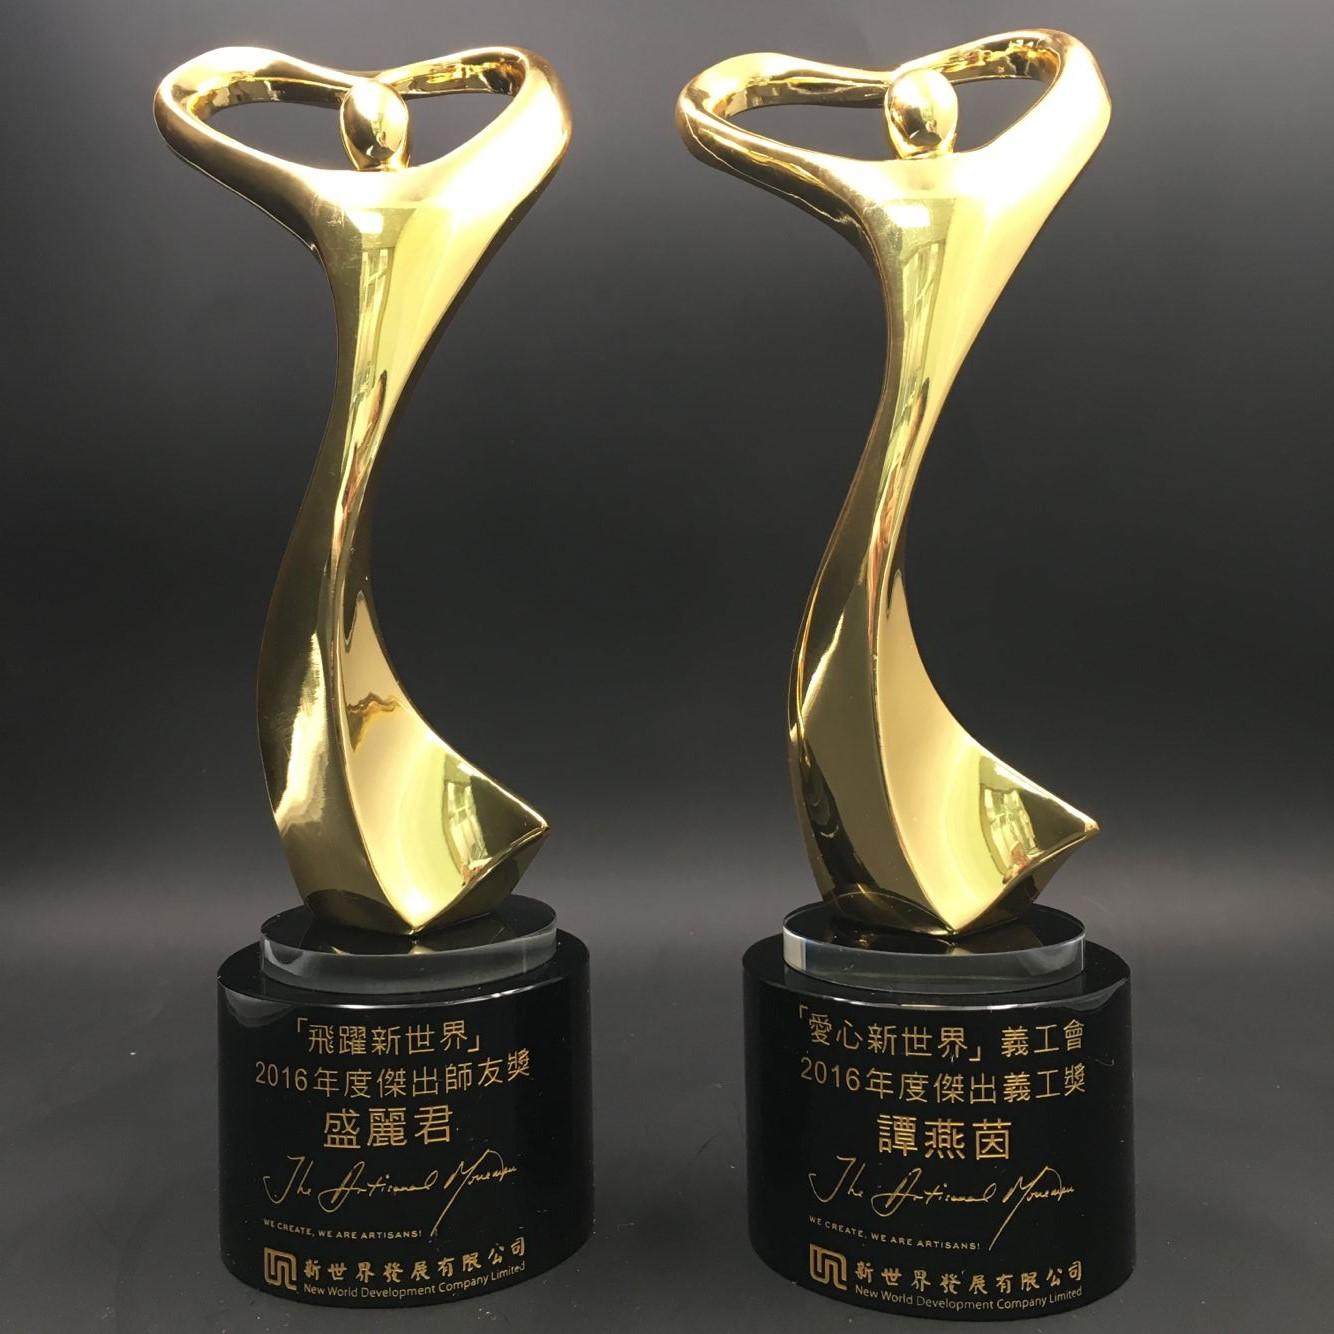 水晶獎座-愛心金人金屬水晶獎座 - JR0663 - 香港優質奬品設計公司 - 案例分享